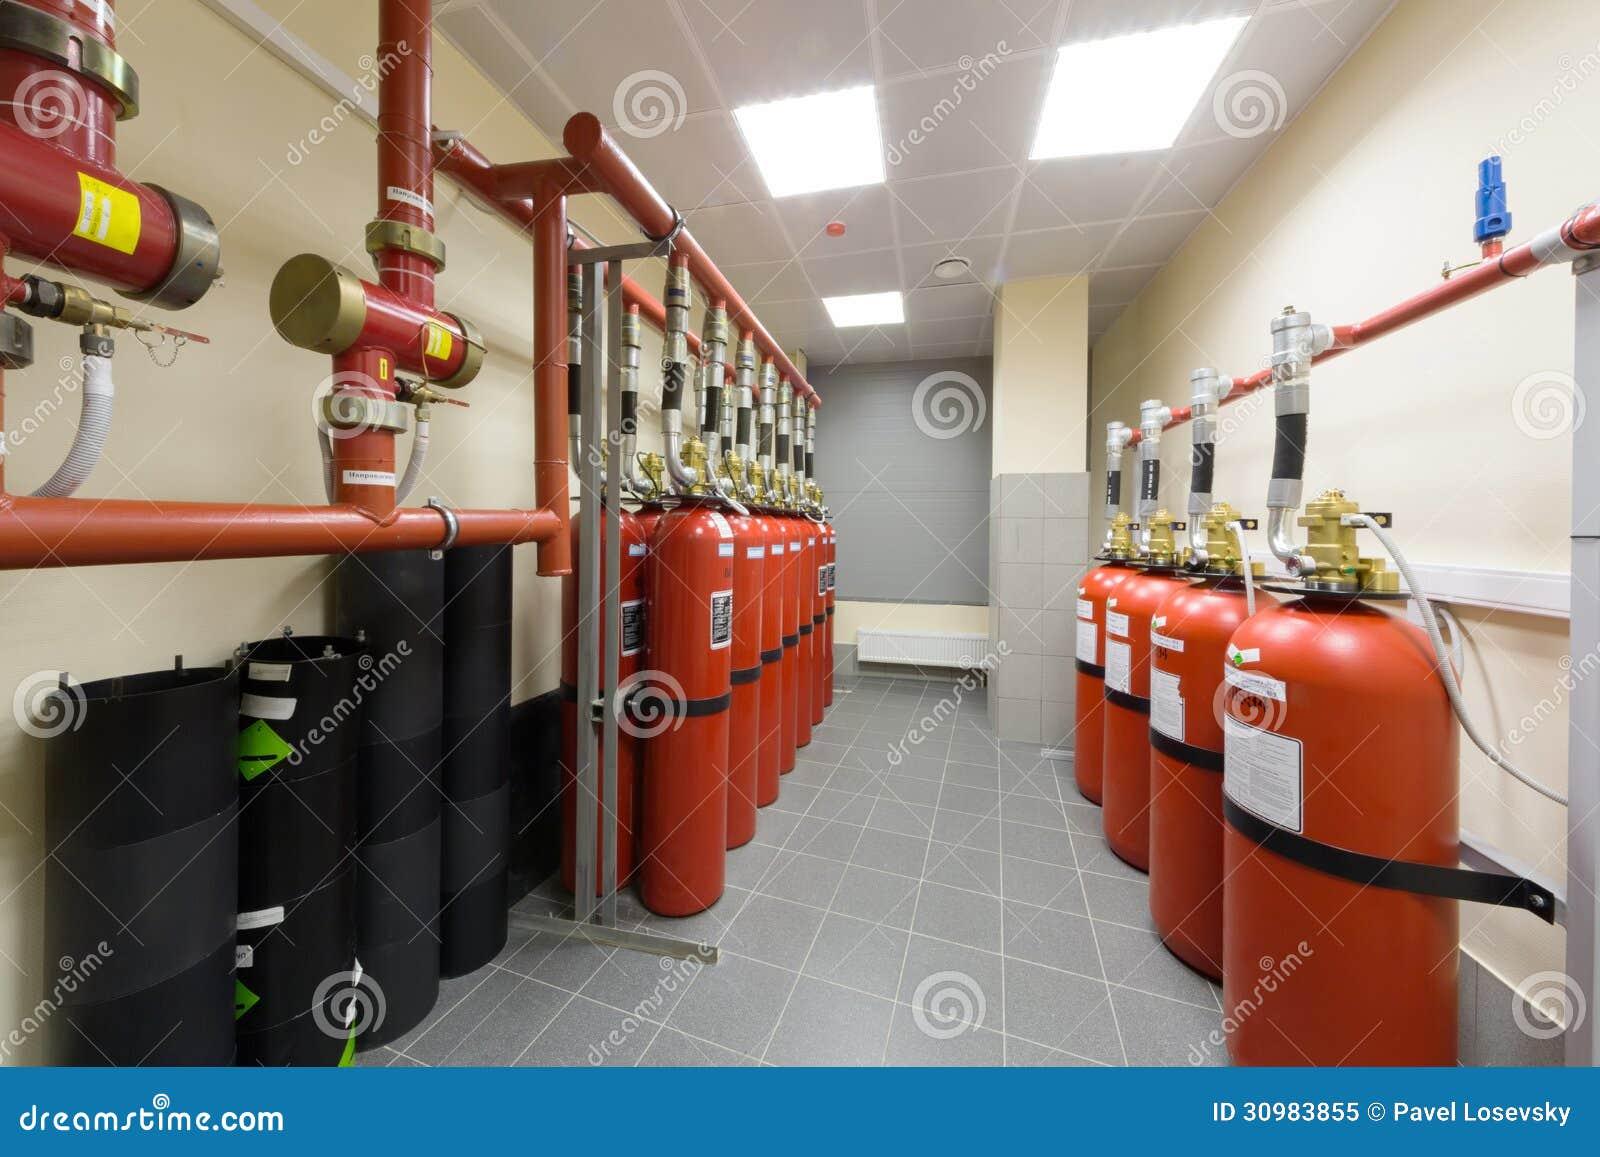 Descripción del sistema extintor industrial.